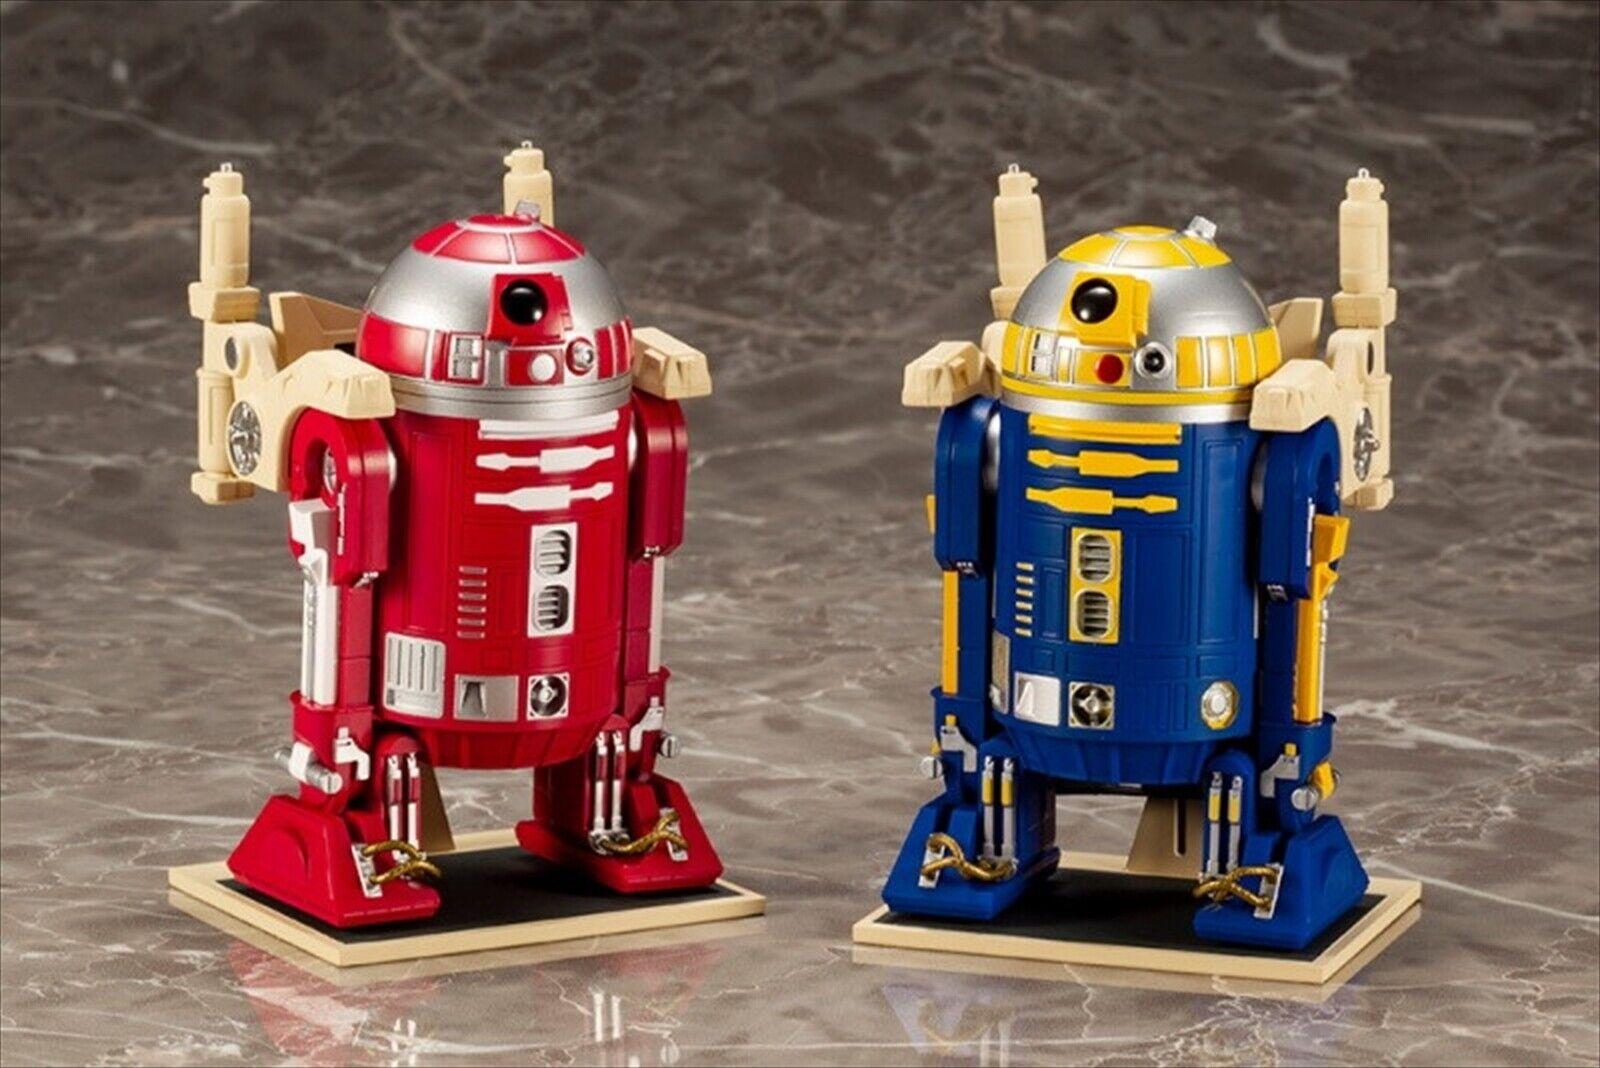 Estrella Wars artx R2 - r9 and R2 - B1 festivals specific Graphics Co.